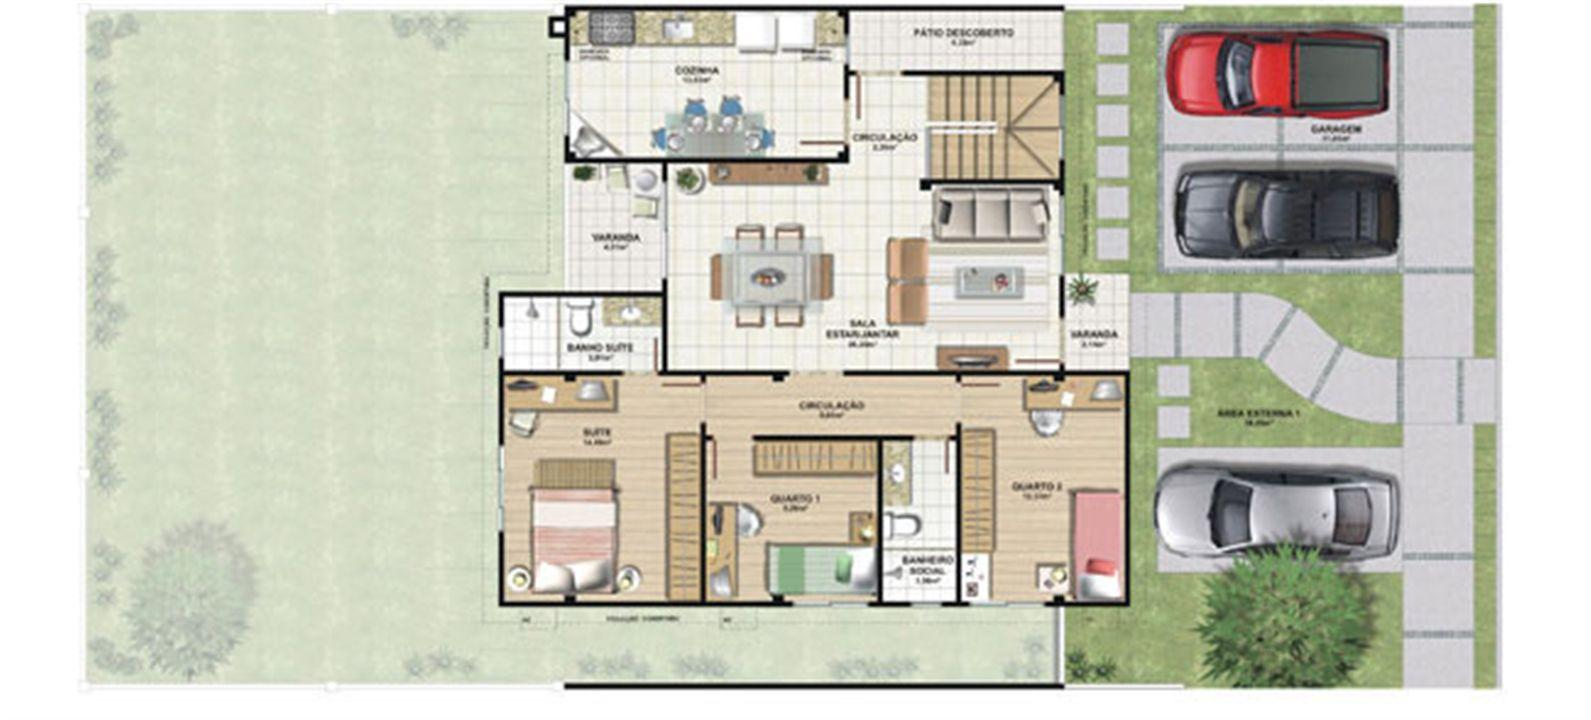 Planta casa E 210,87 m² - pavimento térreo | Aldeia Parque - Igarapé – Casana  Colina de Laranjeiras - Serra - Espírito Santo